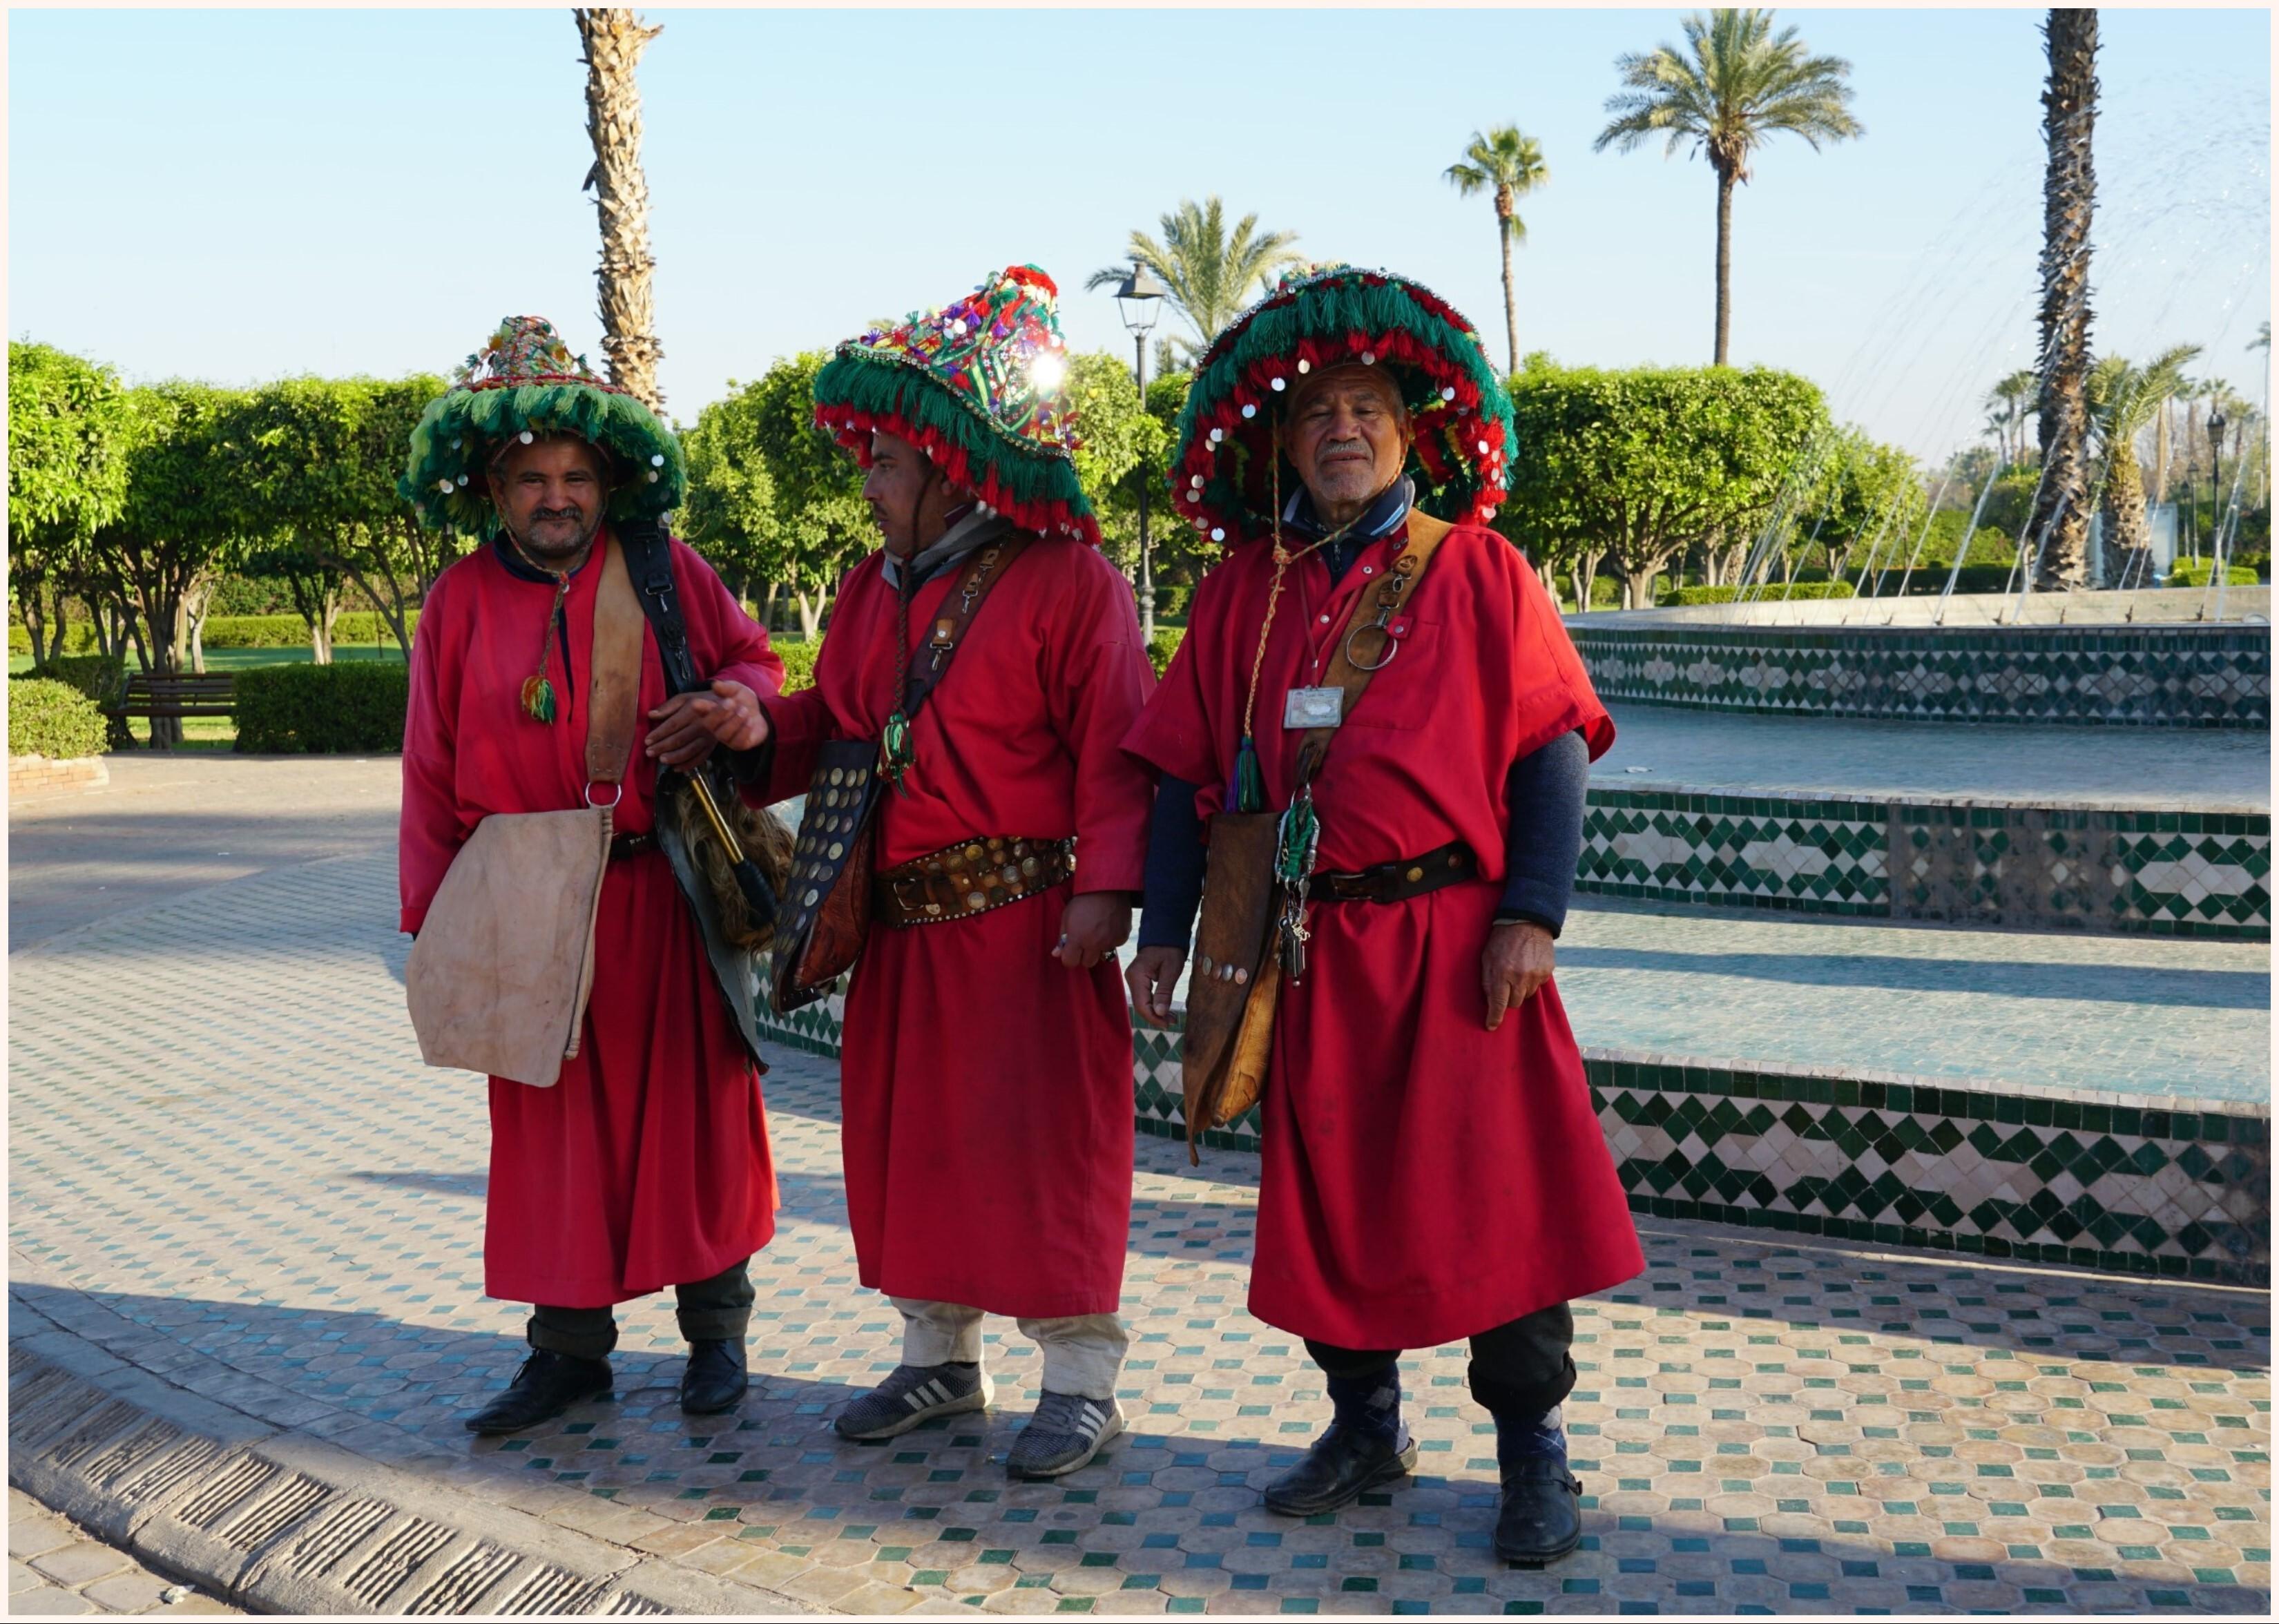 柏柏爾人穿著傳統服飾